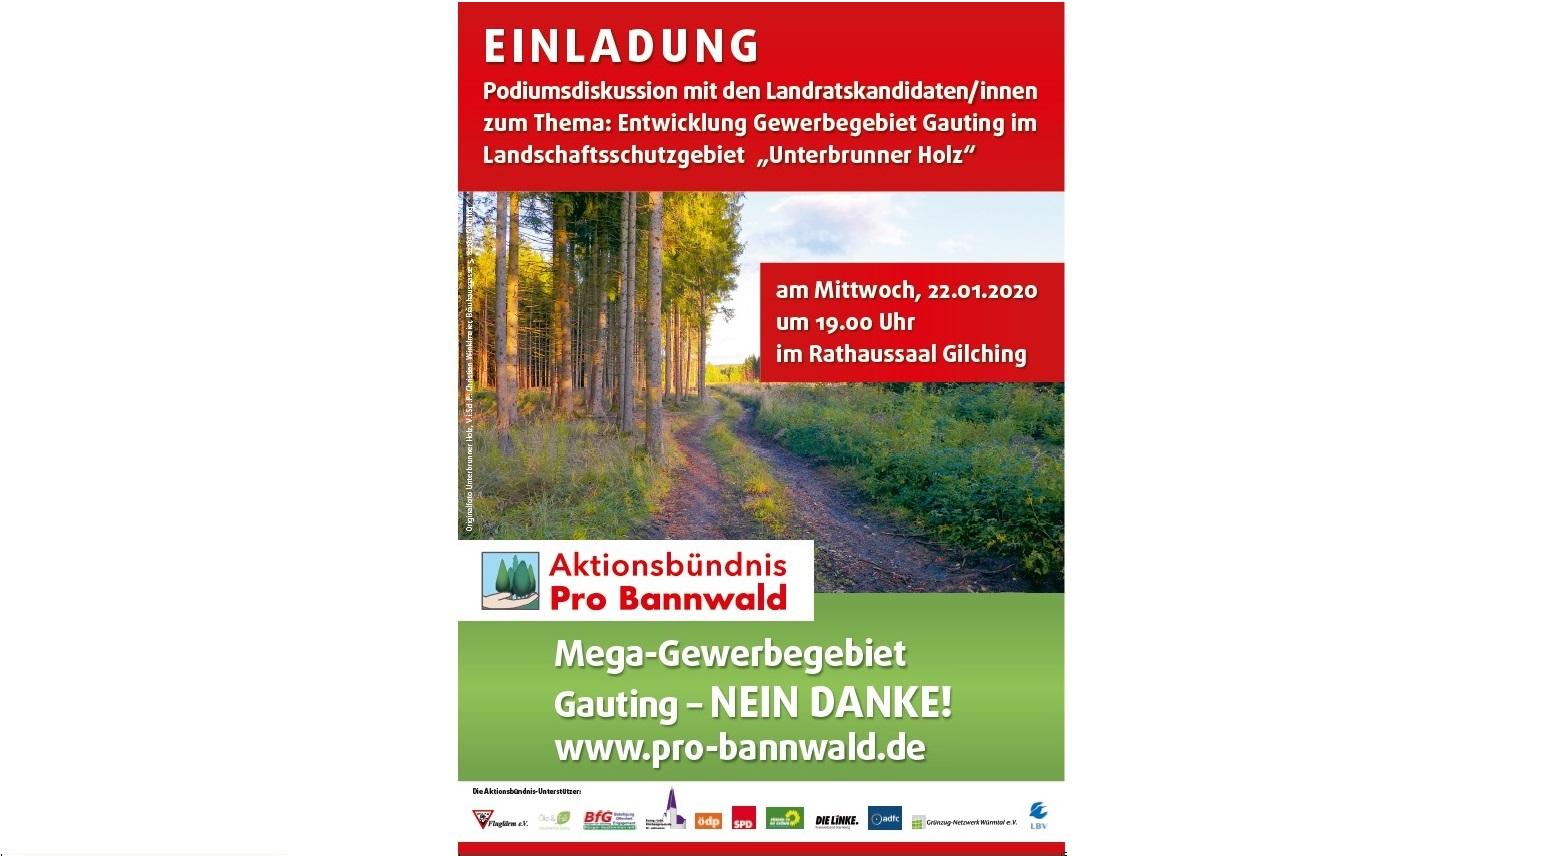 """Podiumsdiskussion mit allen Landratskandidat*innen zum Thema """"Entwicklung Gewerbegebiet Gauting im Landschaftsschutzgebiet Unterbrunner Holz"""""""